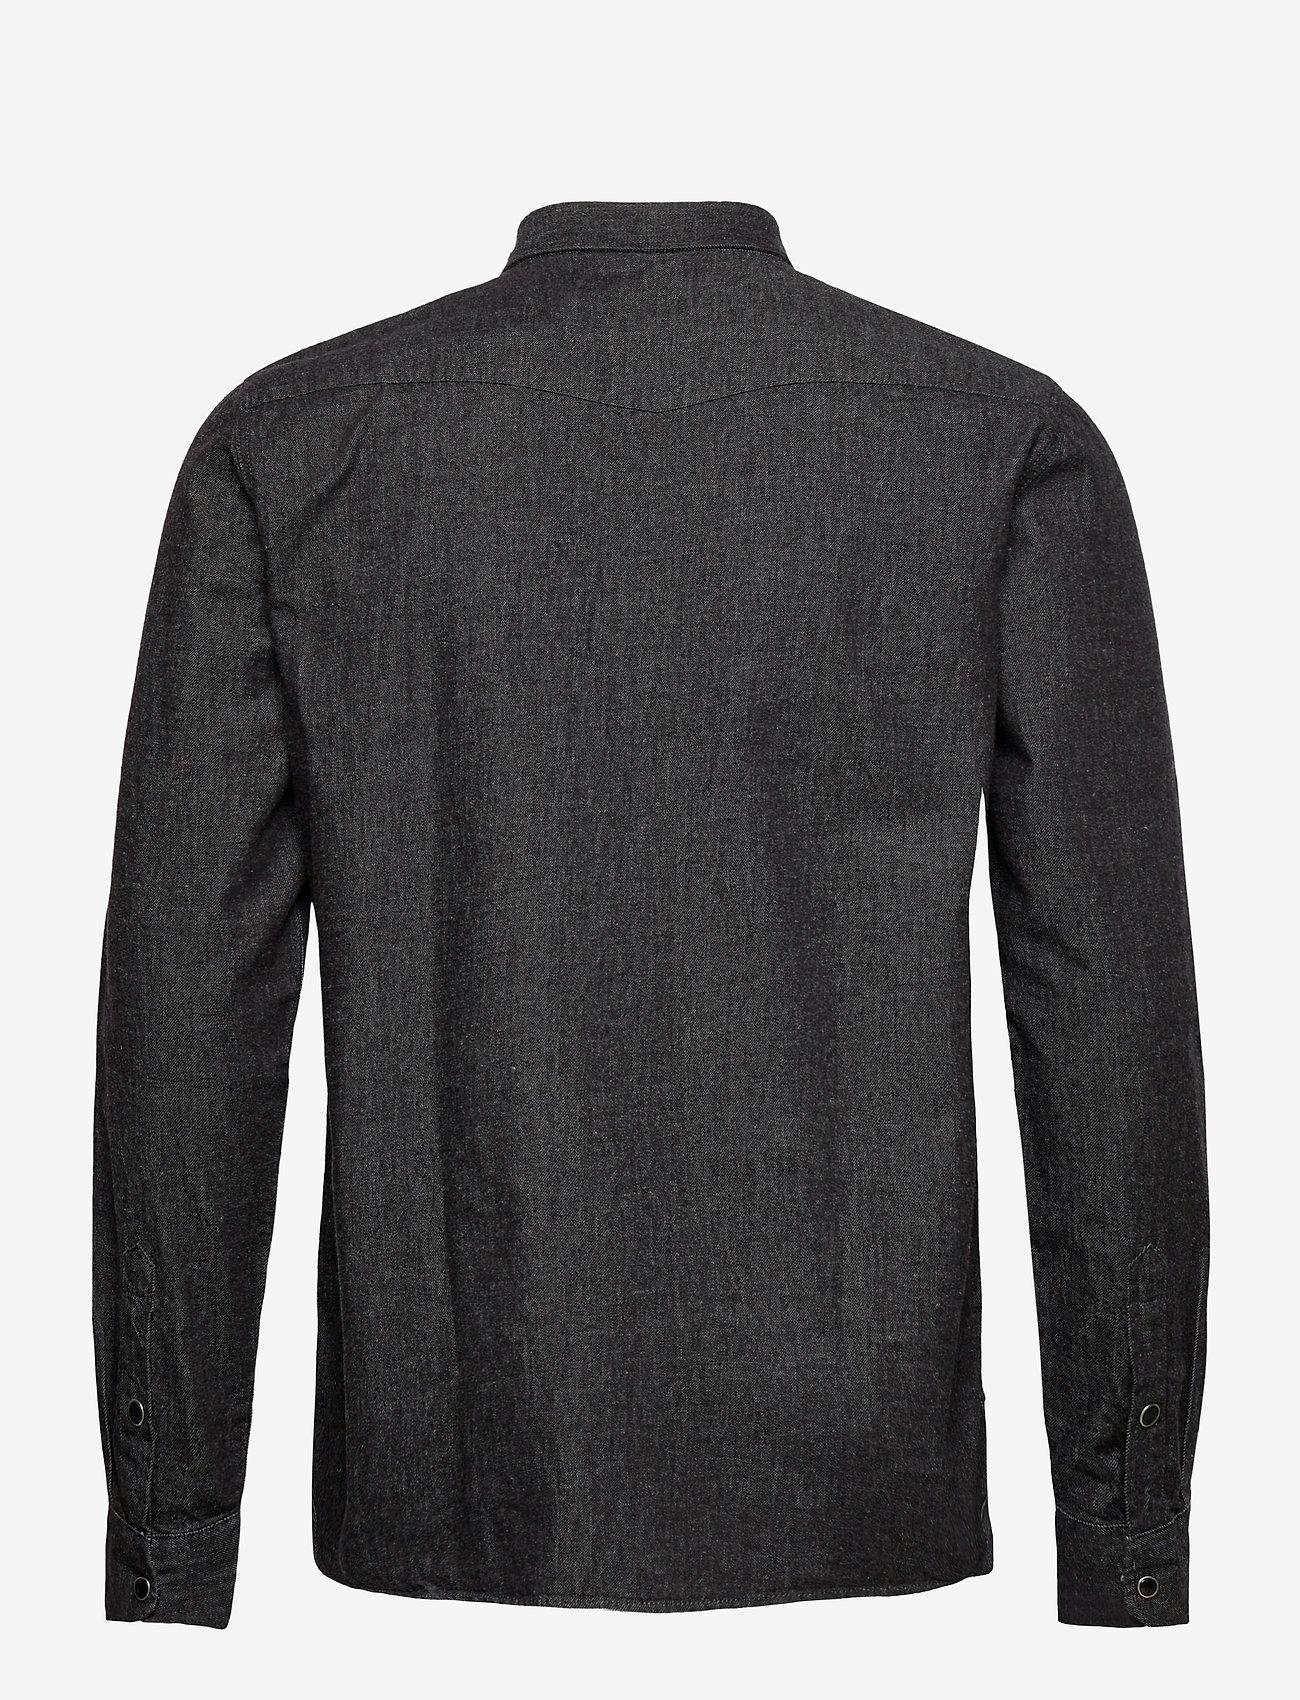 Solid 6200605, Shirt - SDSaxon LS Denim - Skjorter BLACK - Menn Klær